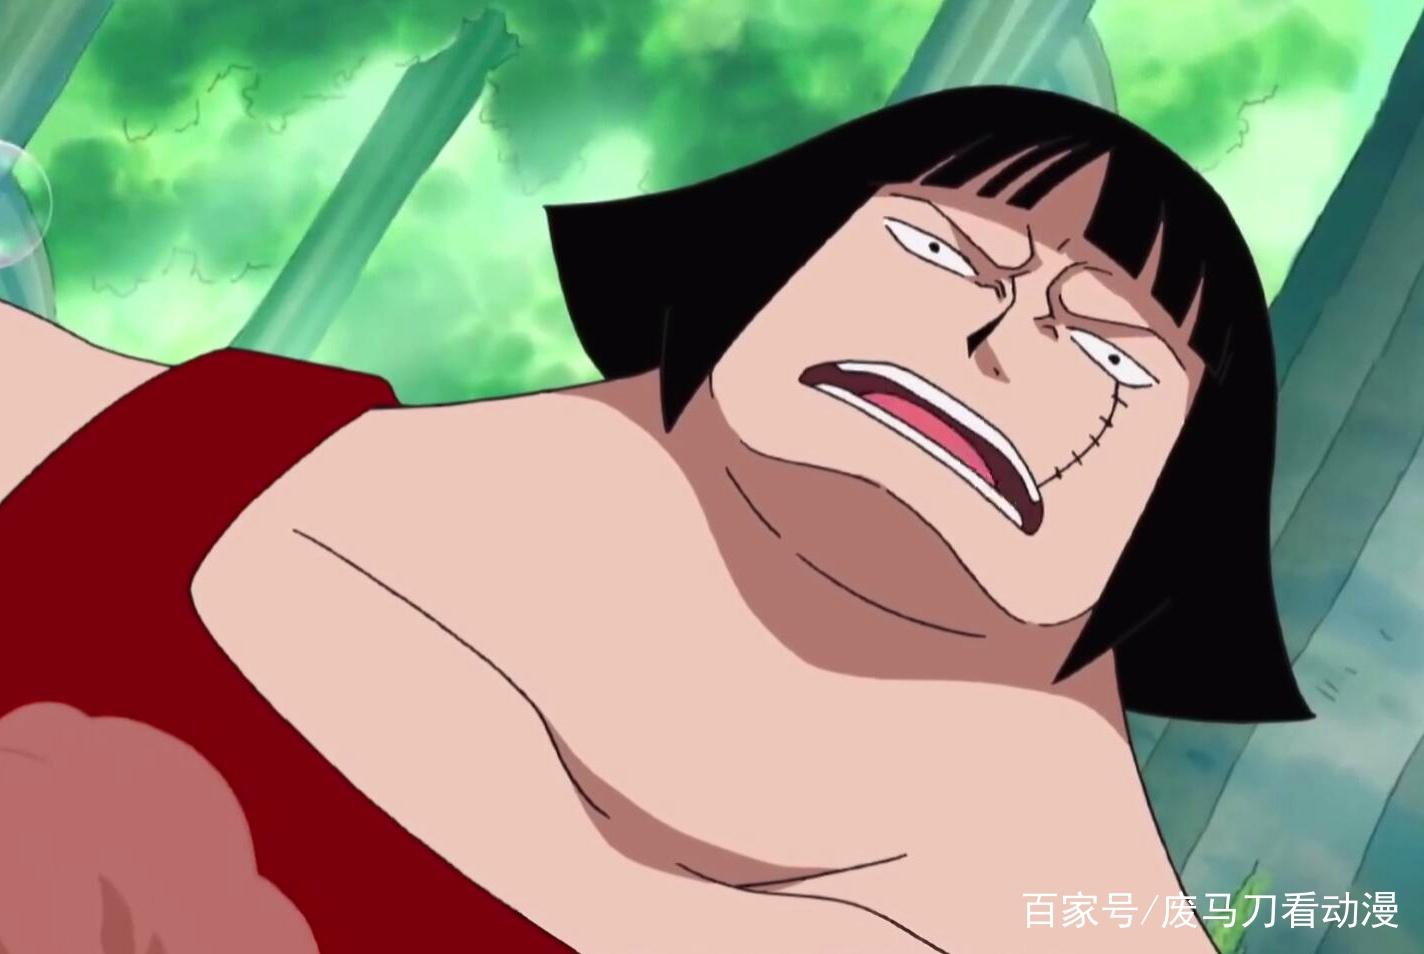 海贼王:战桃丸也会高级霸气,难怪自称世界上防御力最强的男人